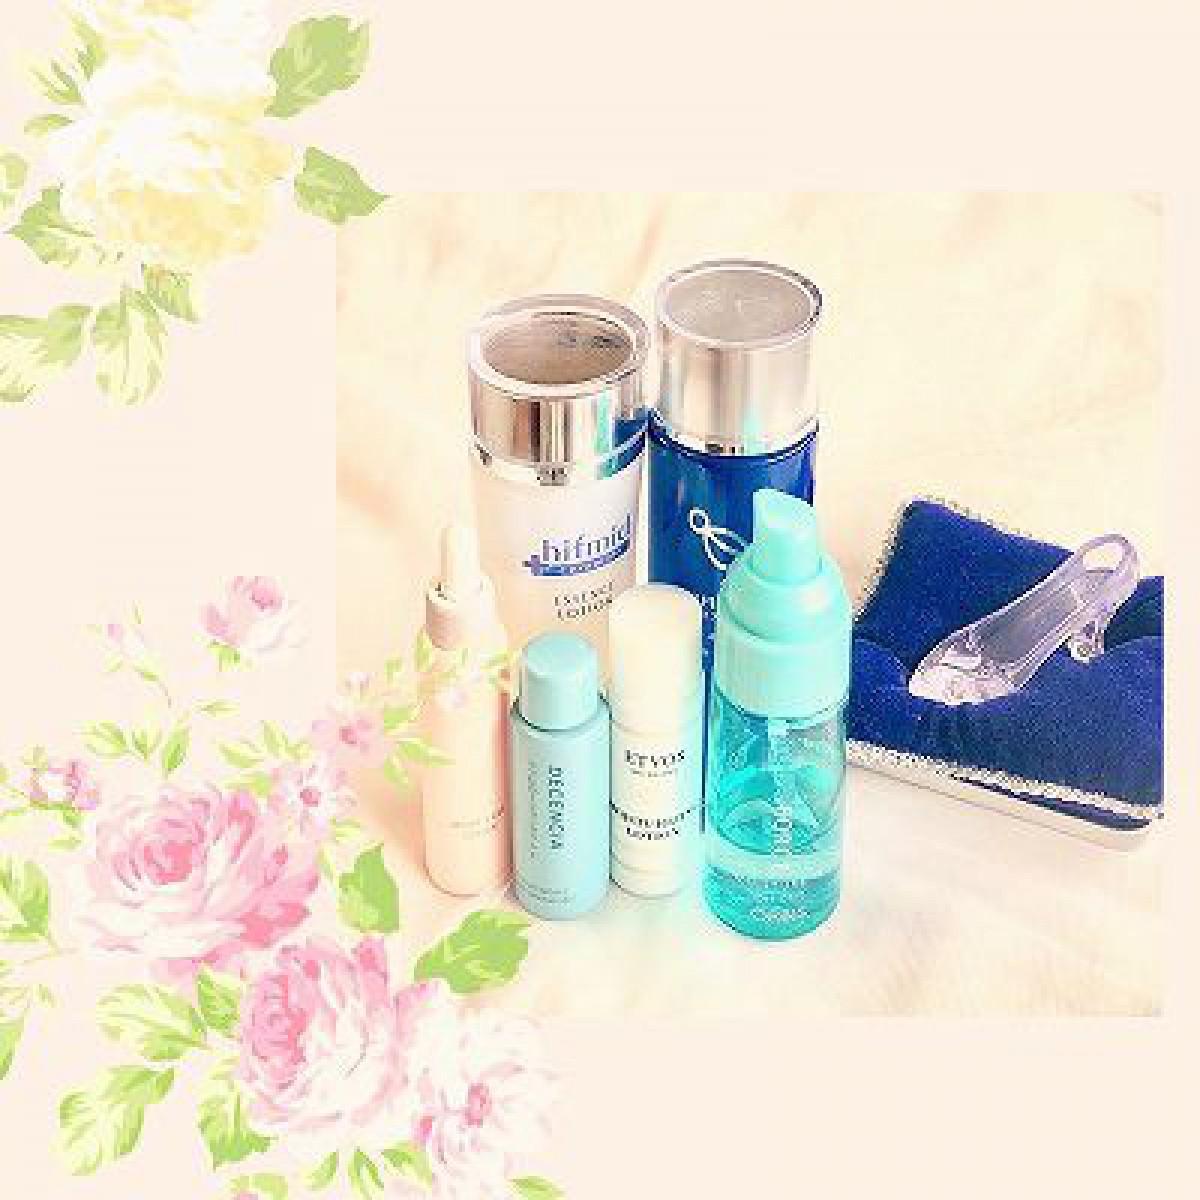 【敏感肌用の化粧水】使って良かった低刺激な化粧水 おすすめ10品